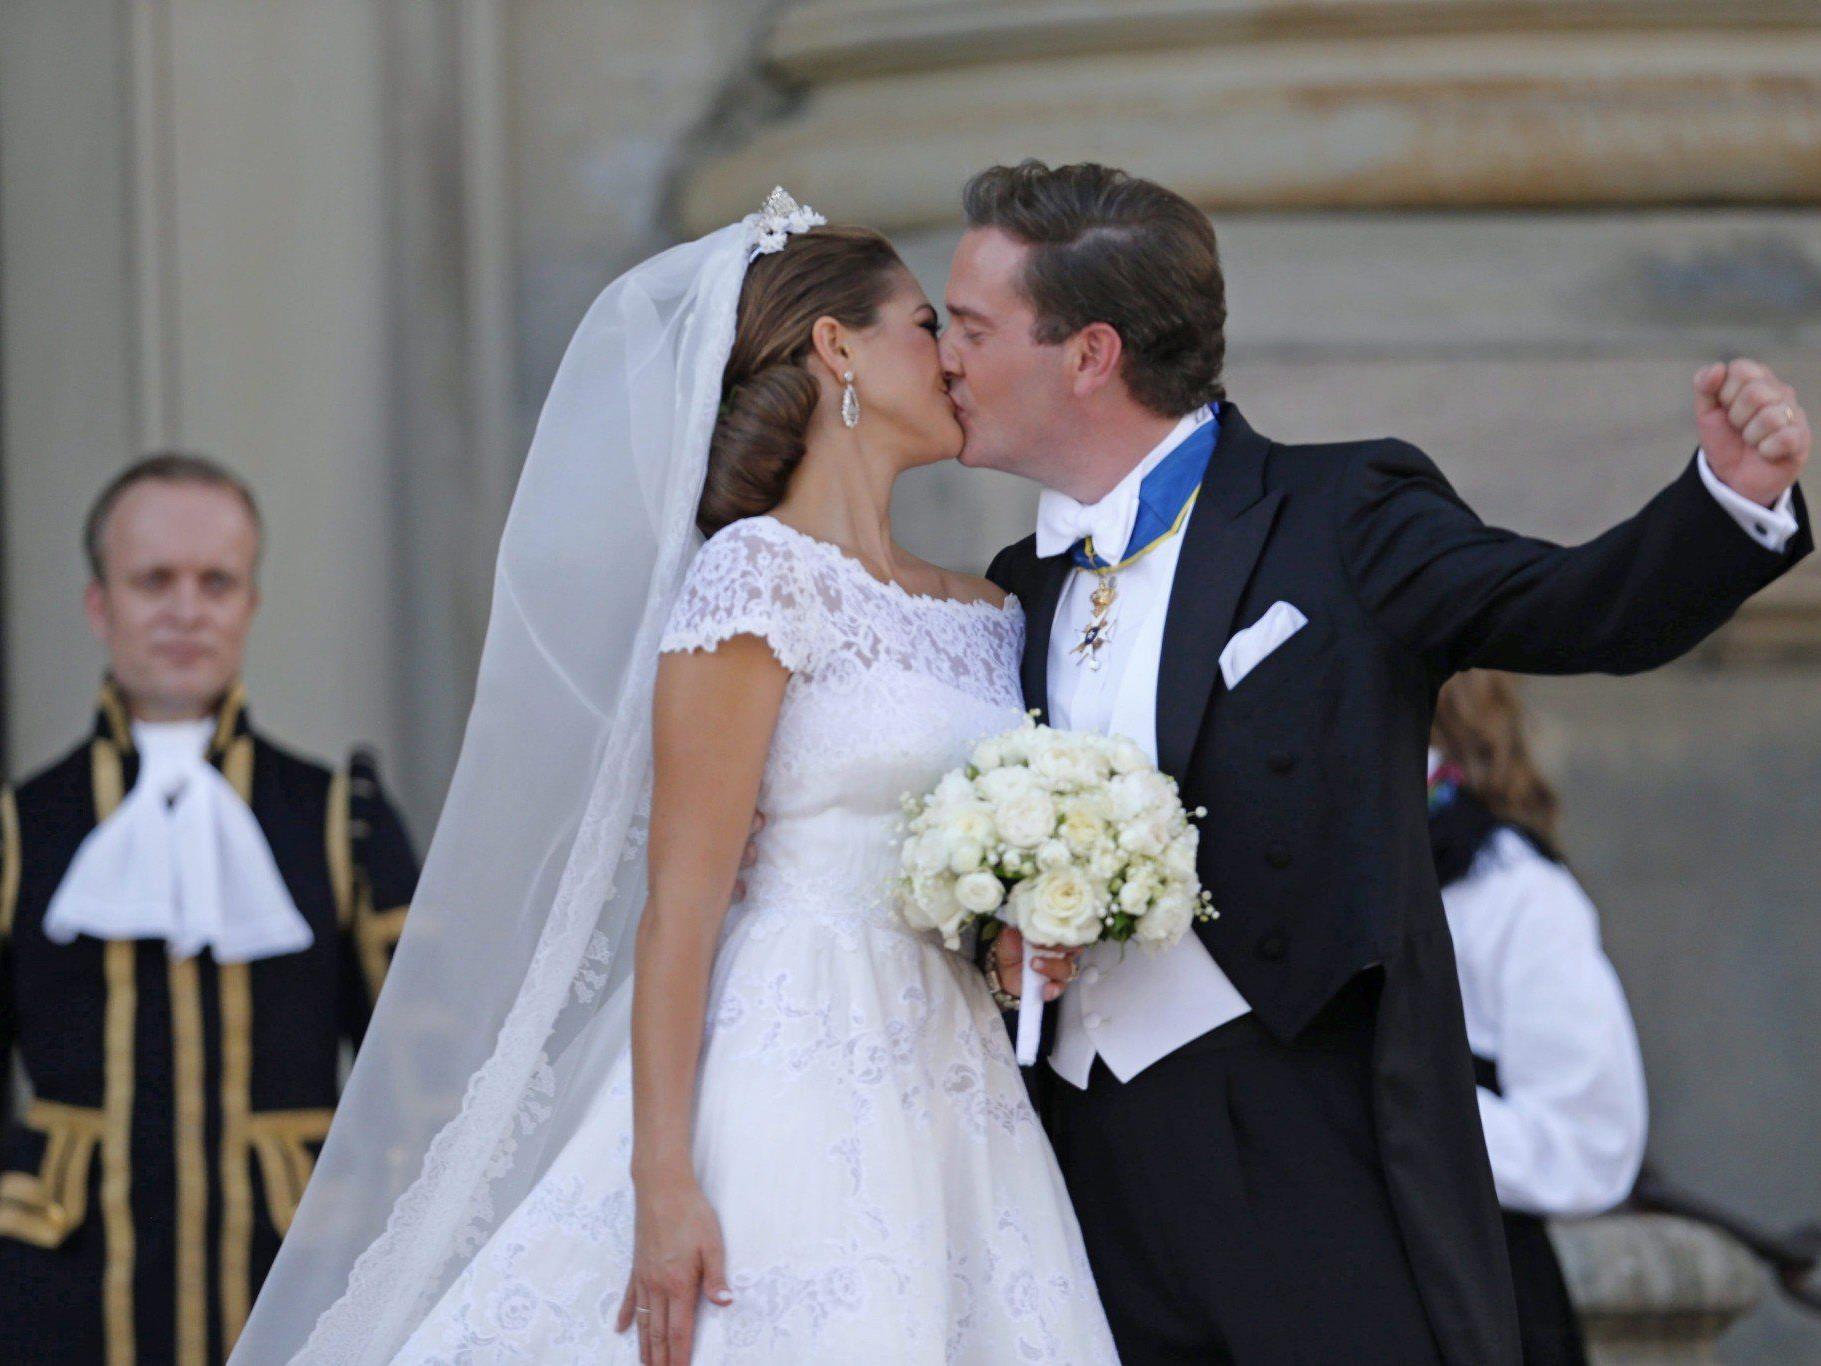 Der Moment, auf den es bei königlichen Hochzeiten offenbar ankommt.